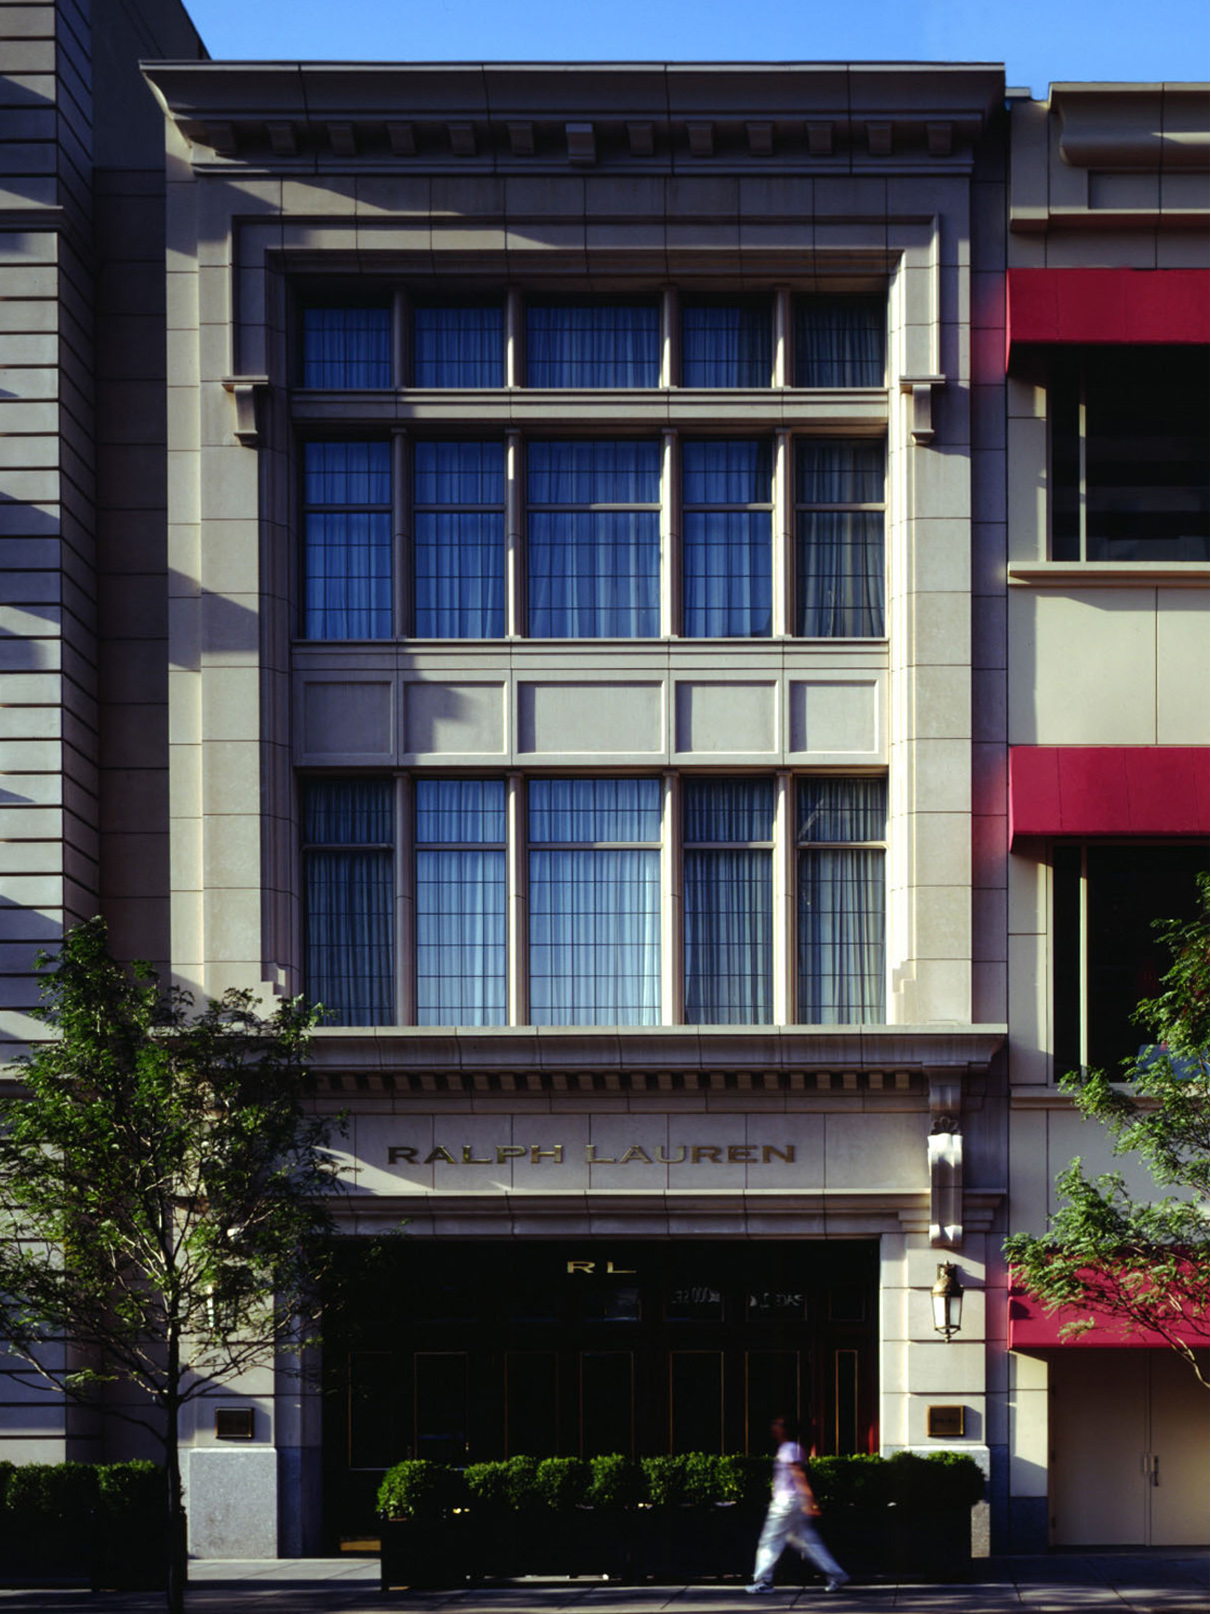 Ralph Lauren Restaurant